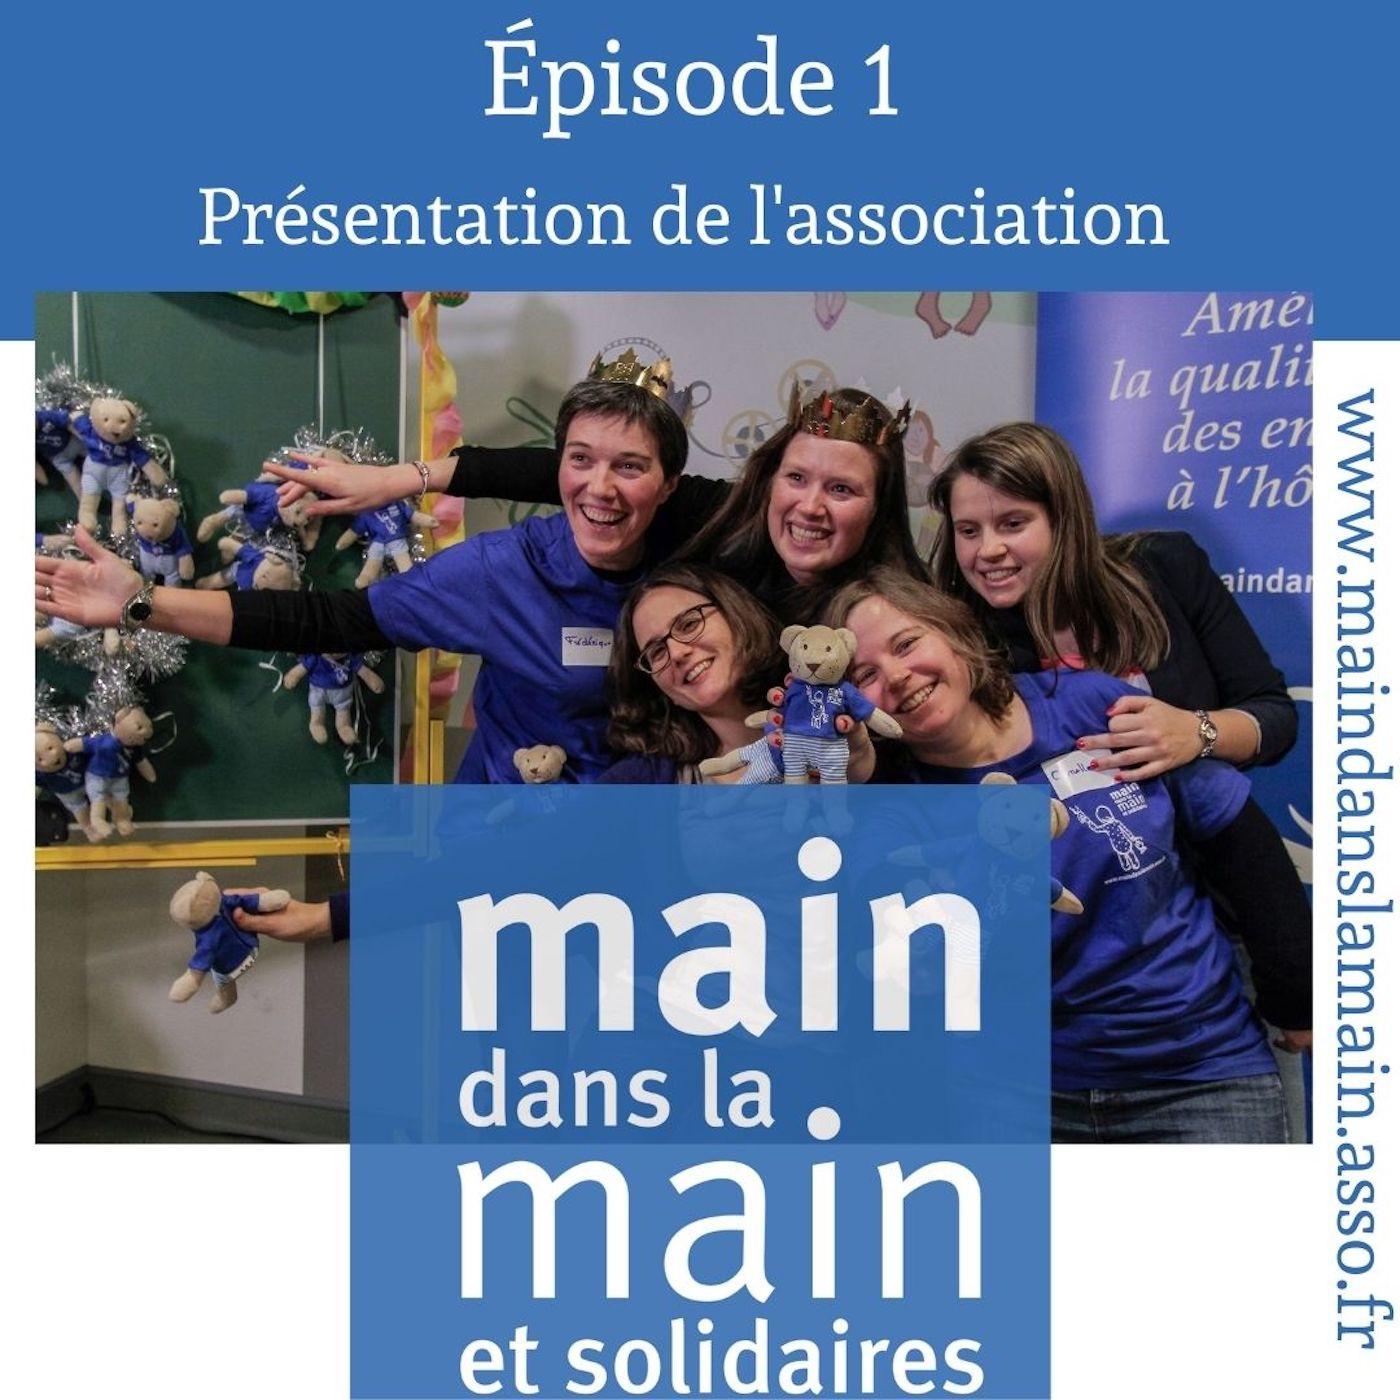 Épisode 1 :  Main Dans la Main et Solidaires, c'est quoi?